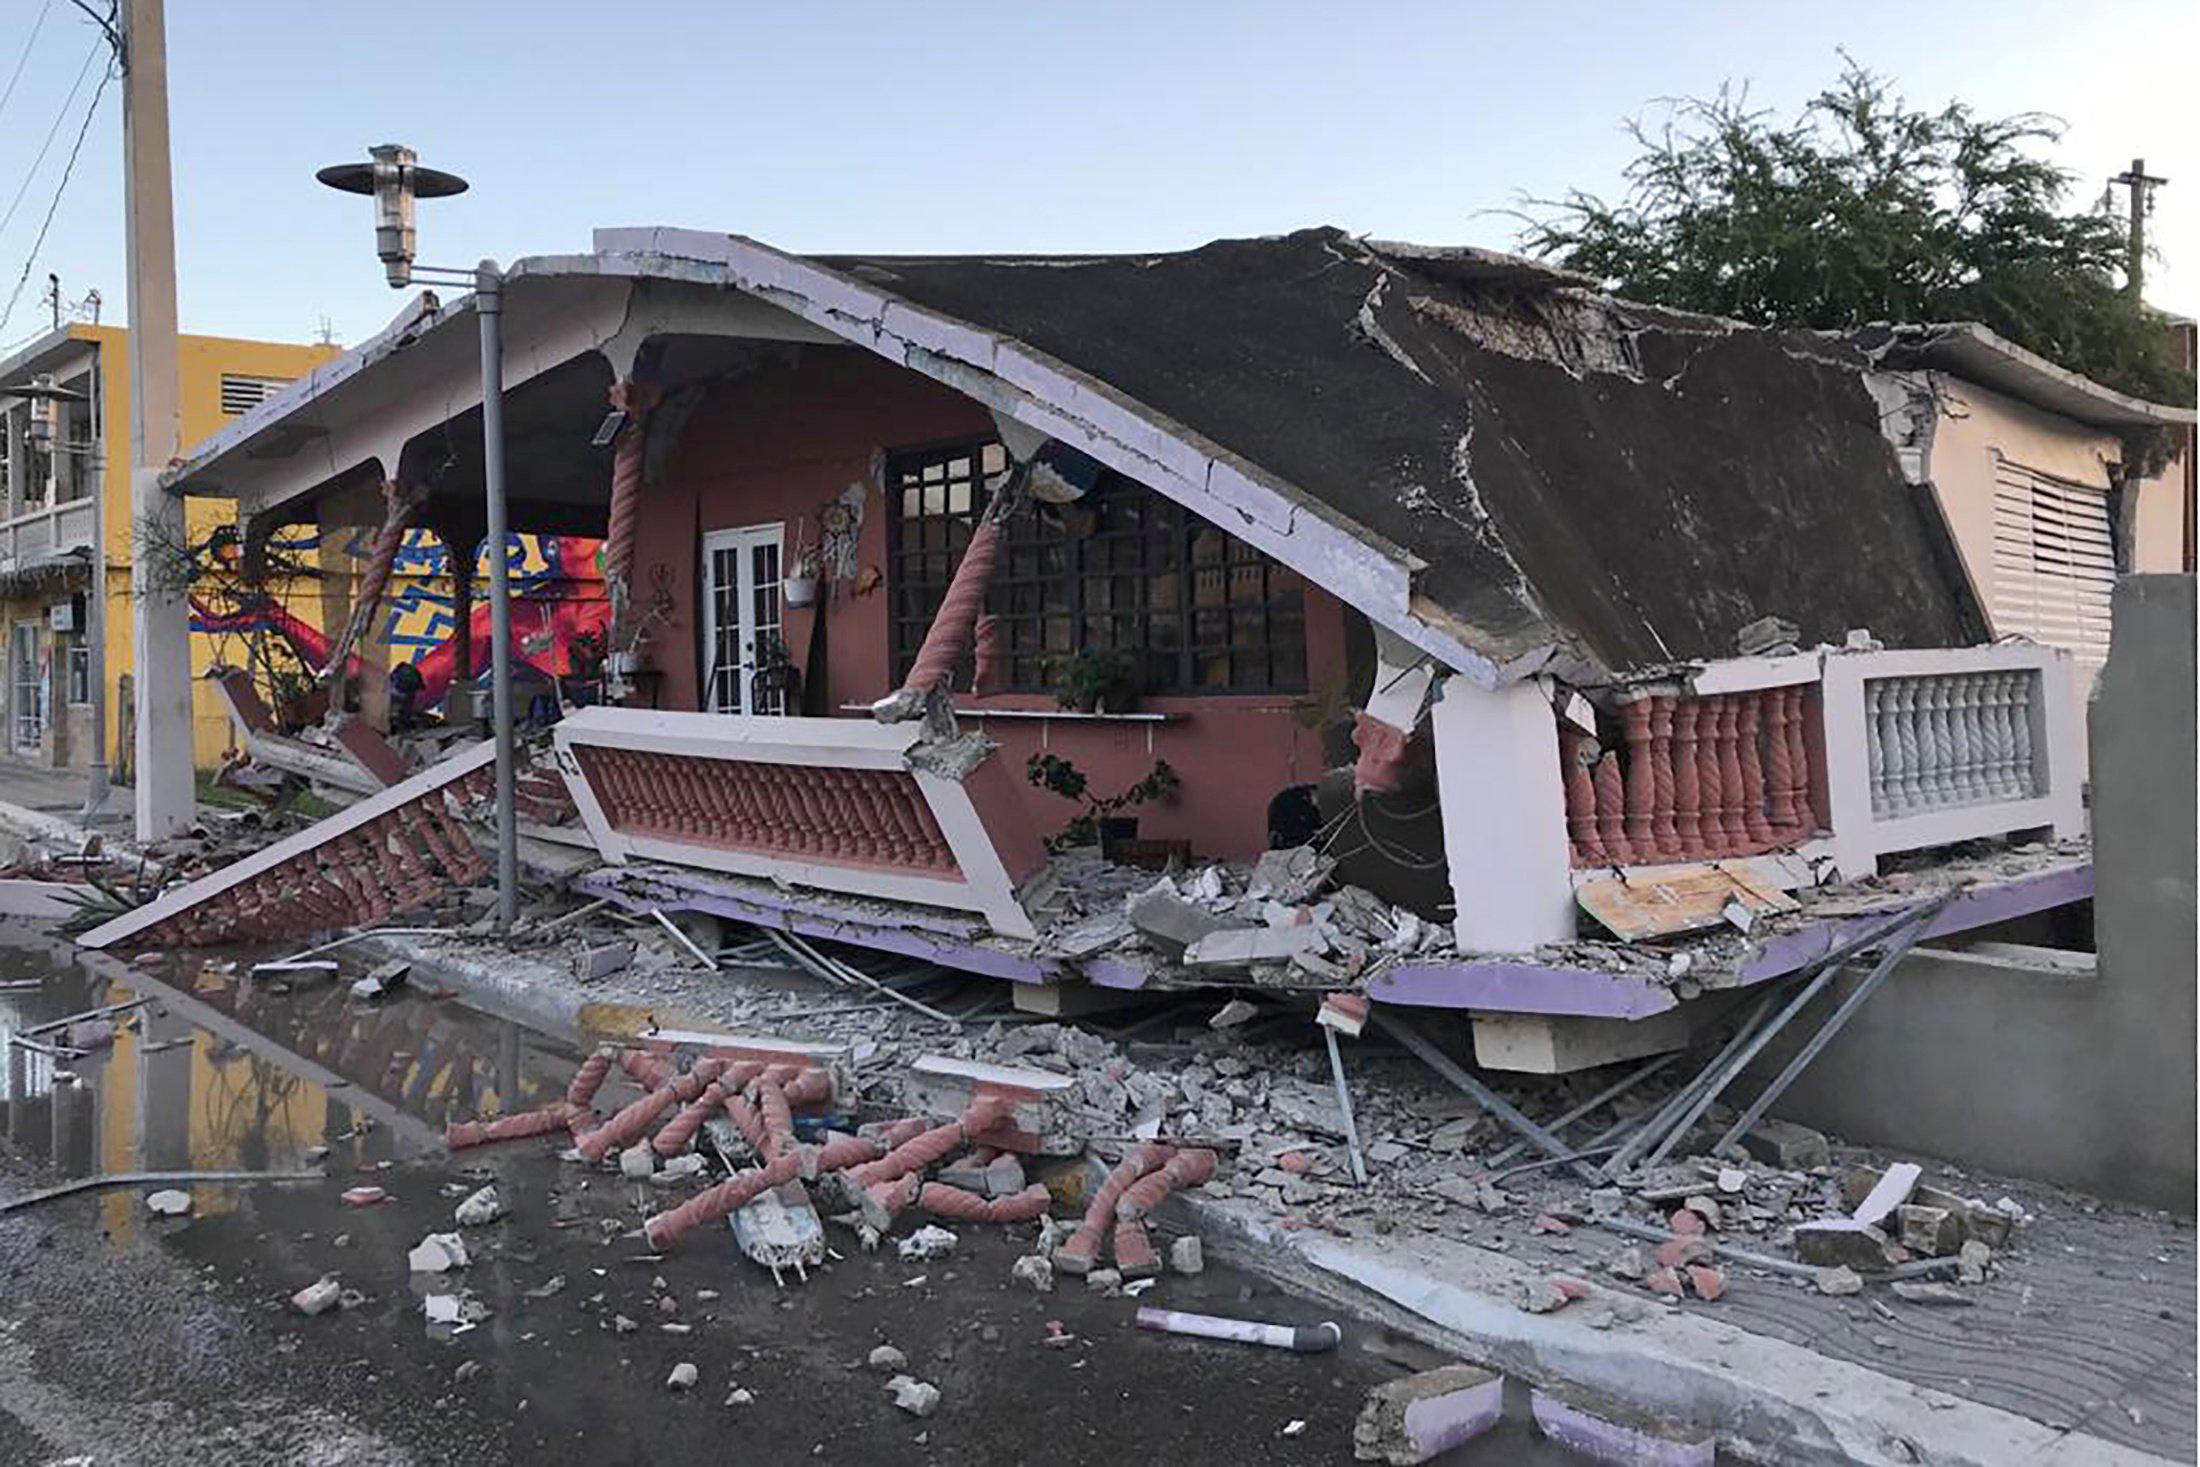 6 4 Magnitude Quake Strikes Puerto Rico Killing At Least 1 Amid Heavy Seismic Activity